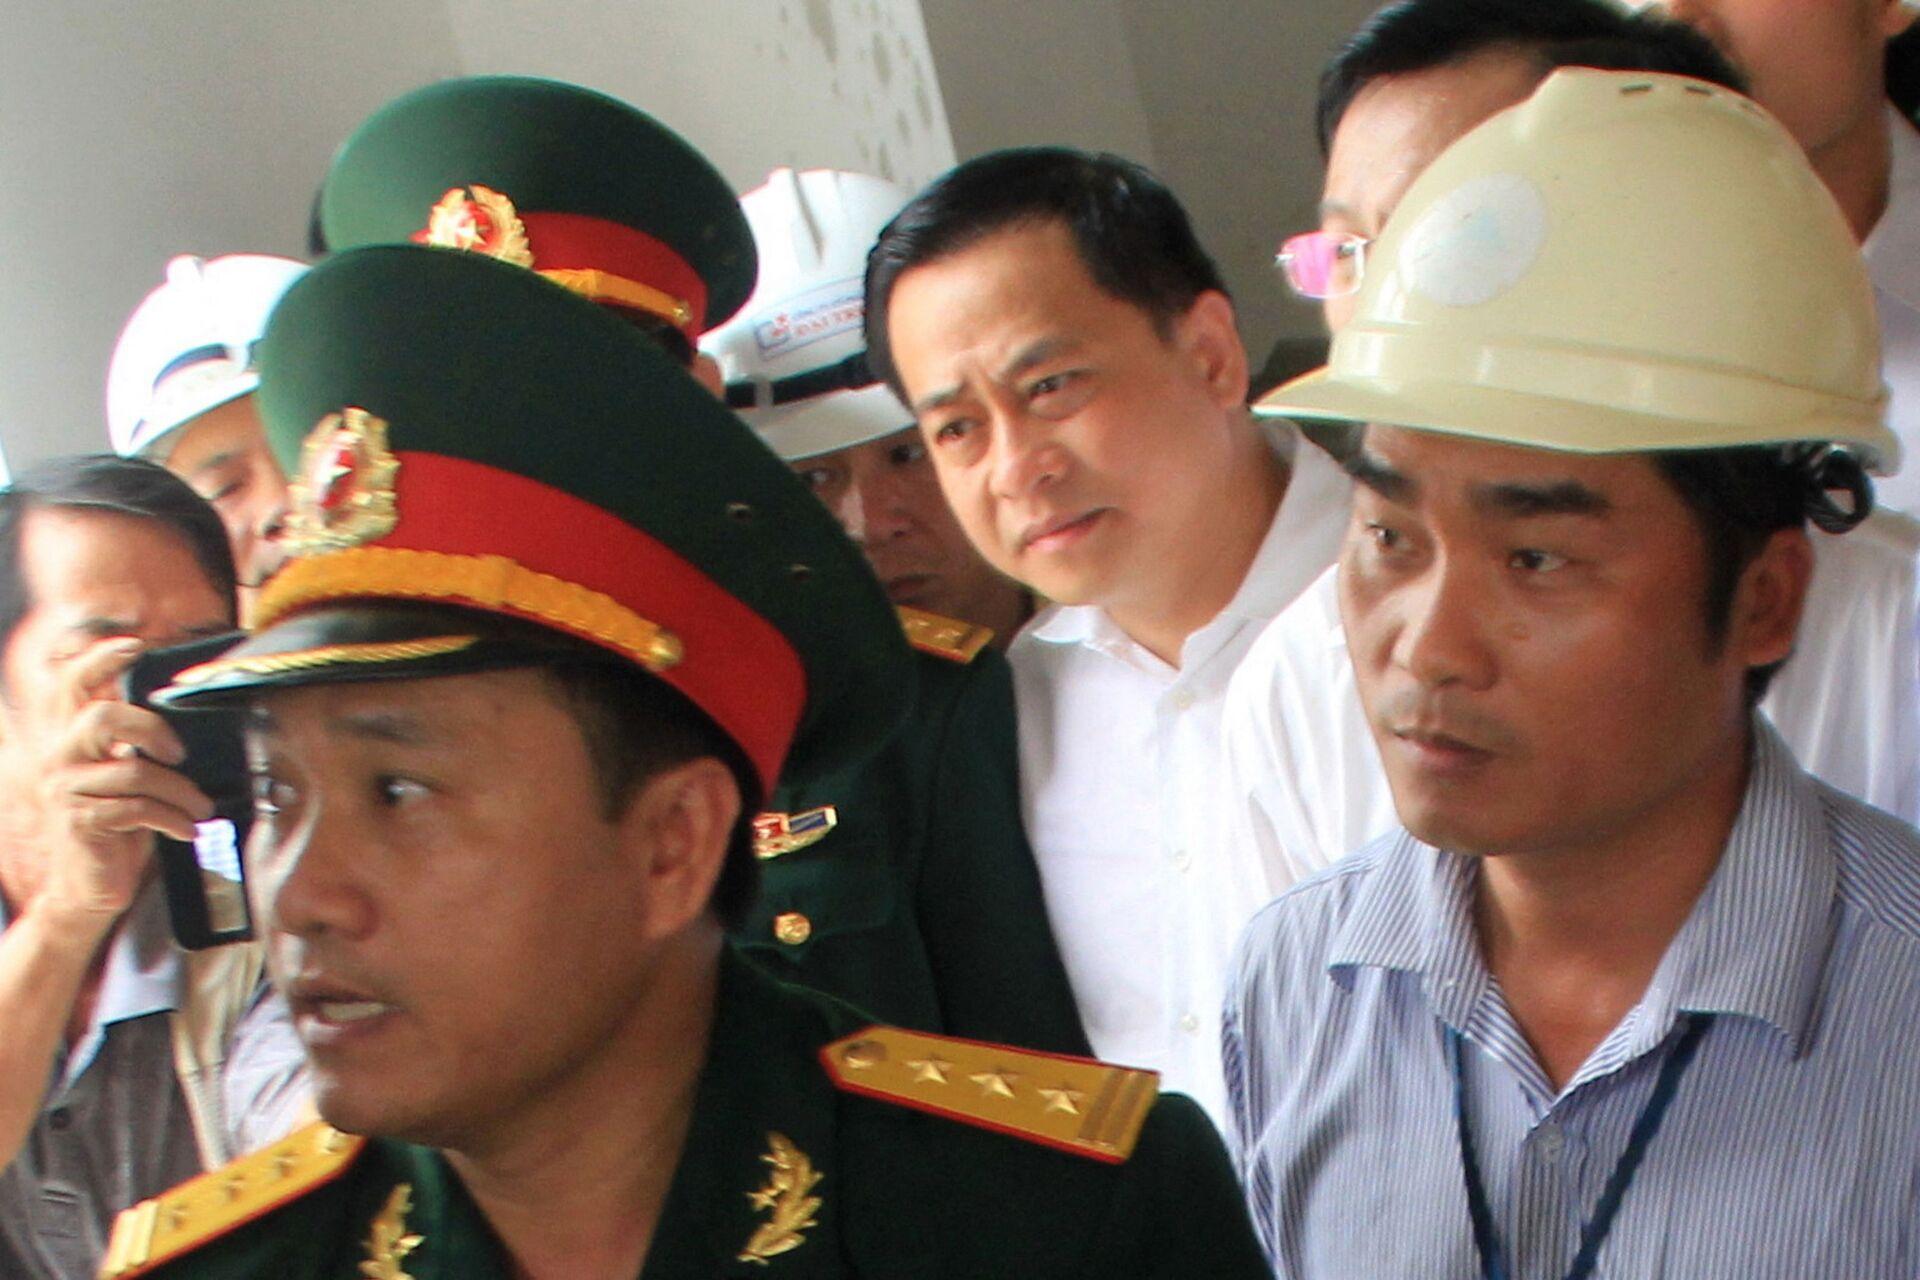 Cựu sĩ quan tình báo Công an Phan Văn Anh Vũ tiếp tục bị khởi tố tội 'Đưa hối lộ' - Sputnik Việt Nam, 1920, 05.03.2021